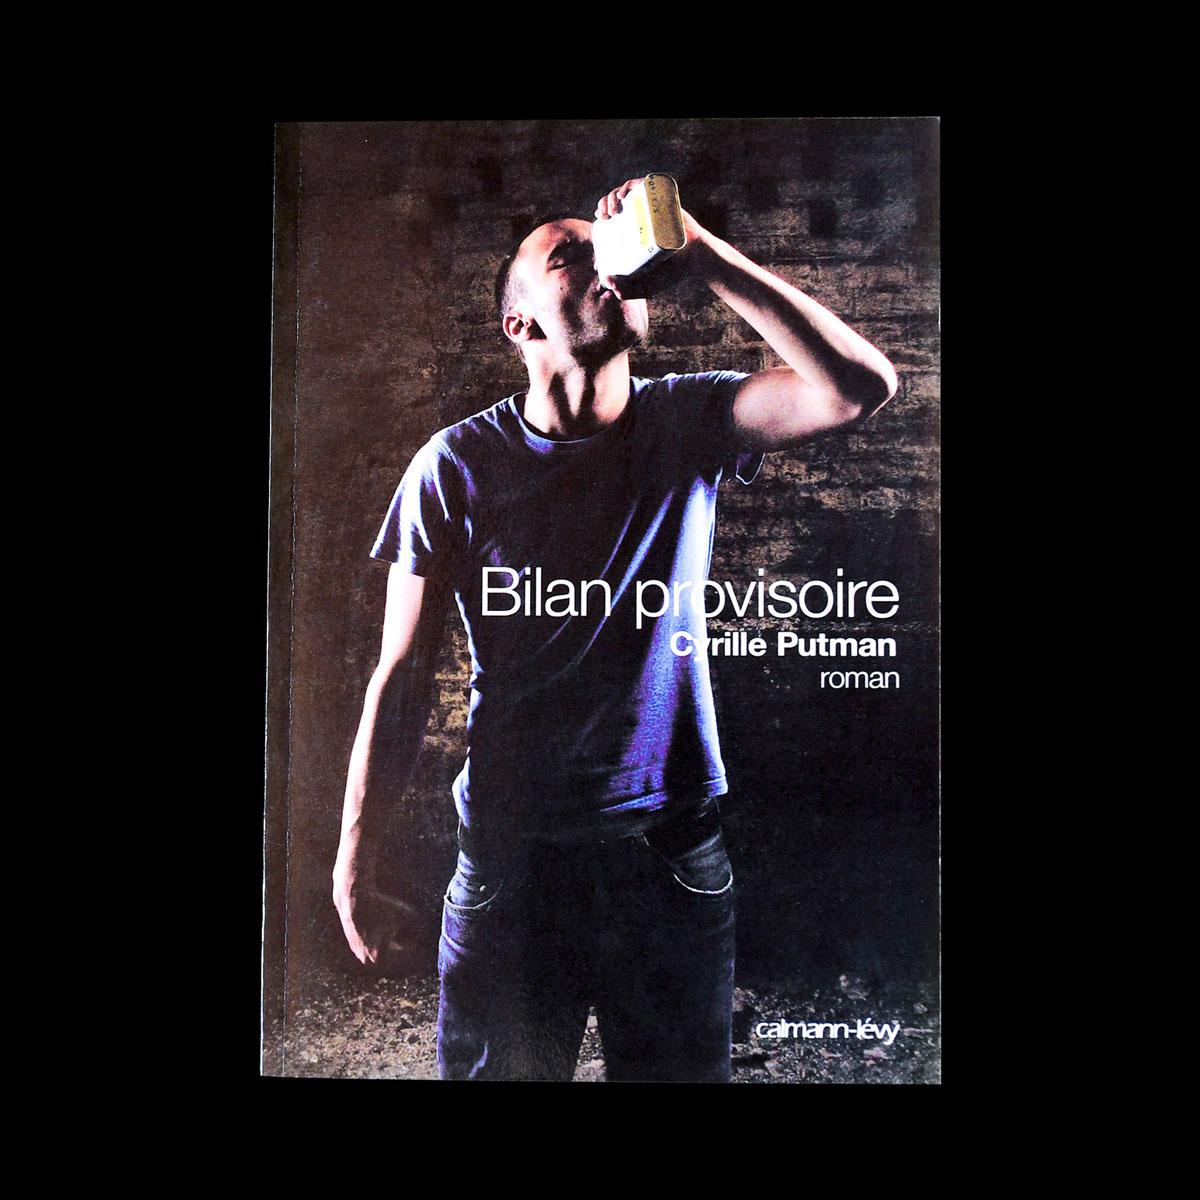 « Bilan provisoire », 2007, Cyrille Putman. Éditions Calmann Levy.